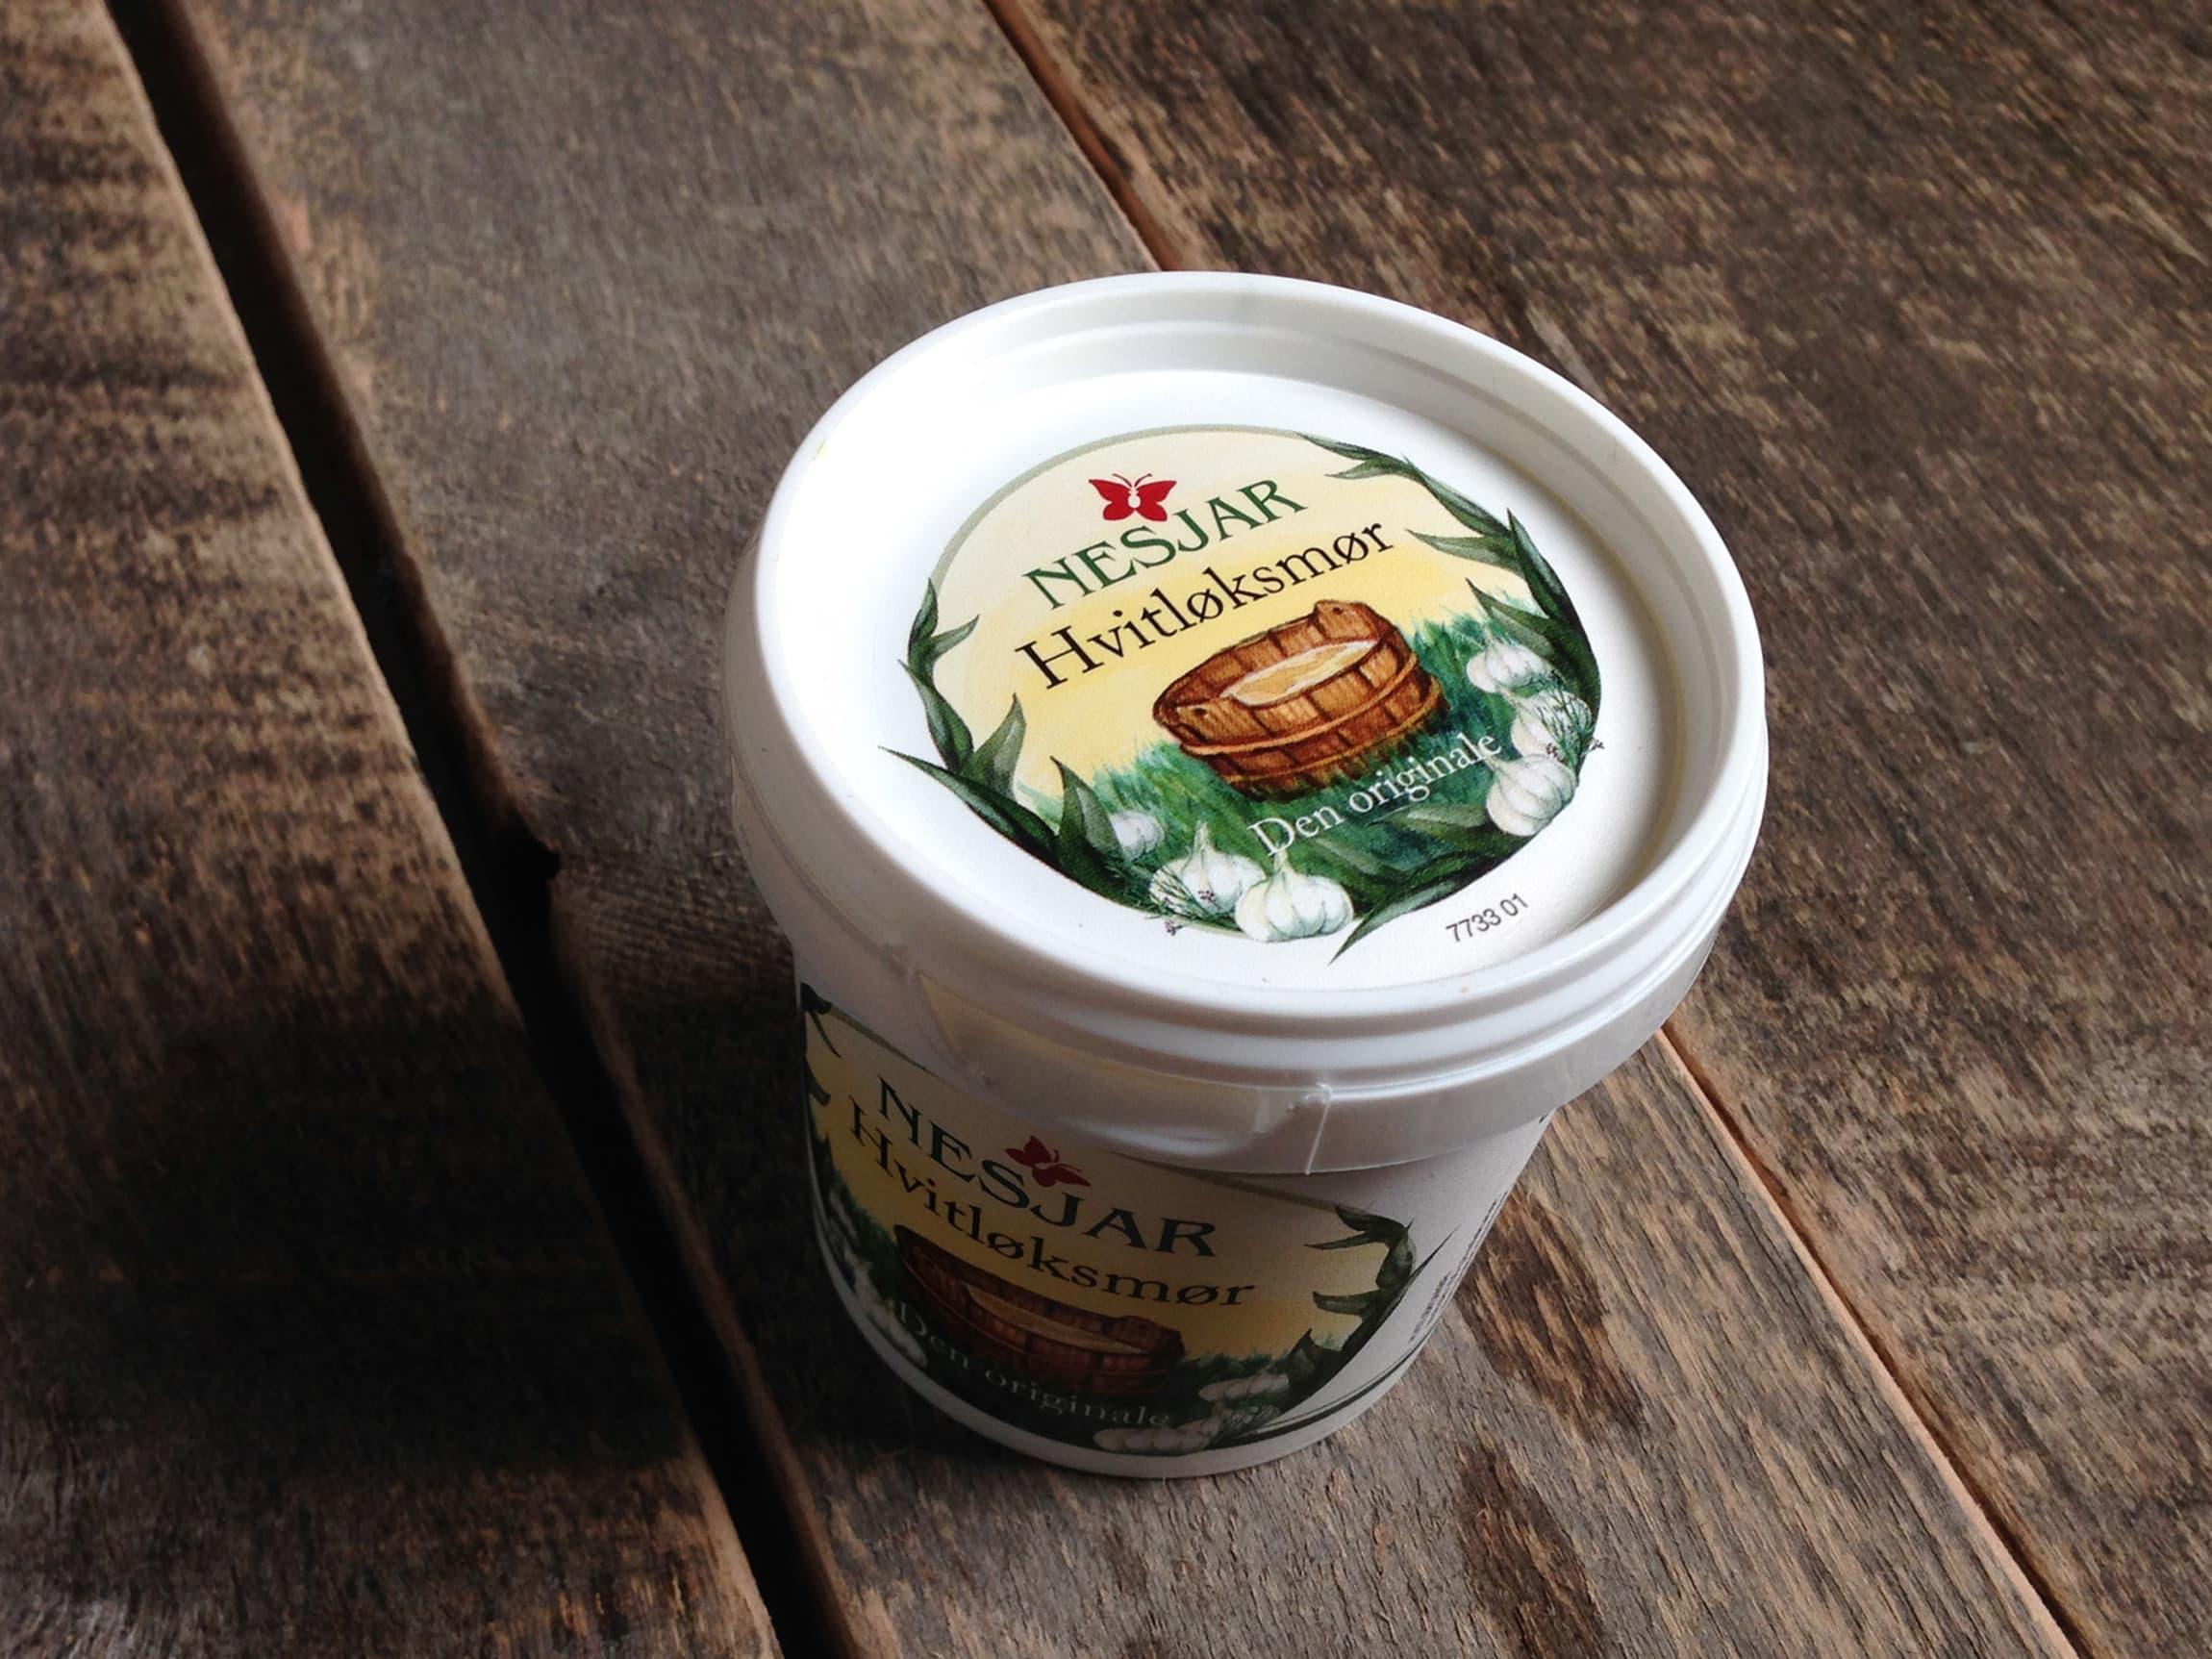 Deilig kryddersmør passer godt til alt fra kylling, fisk og til biffen. Finn din favoritt!